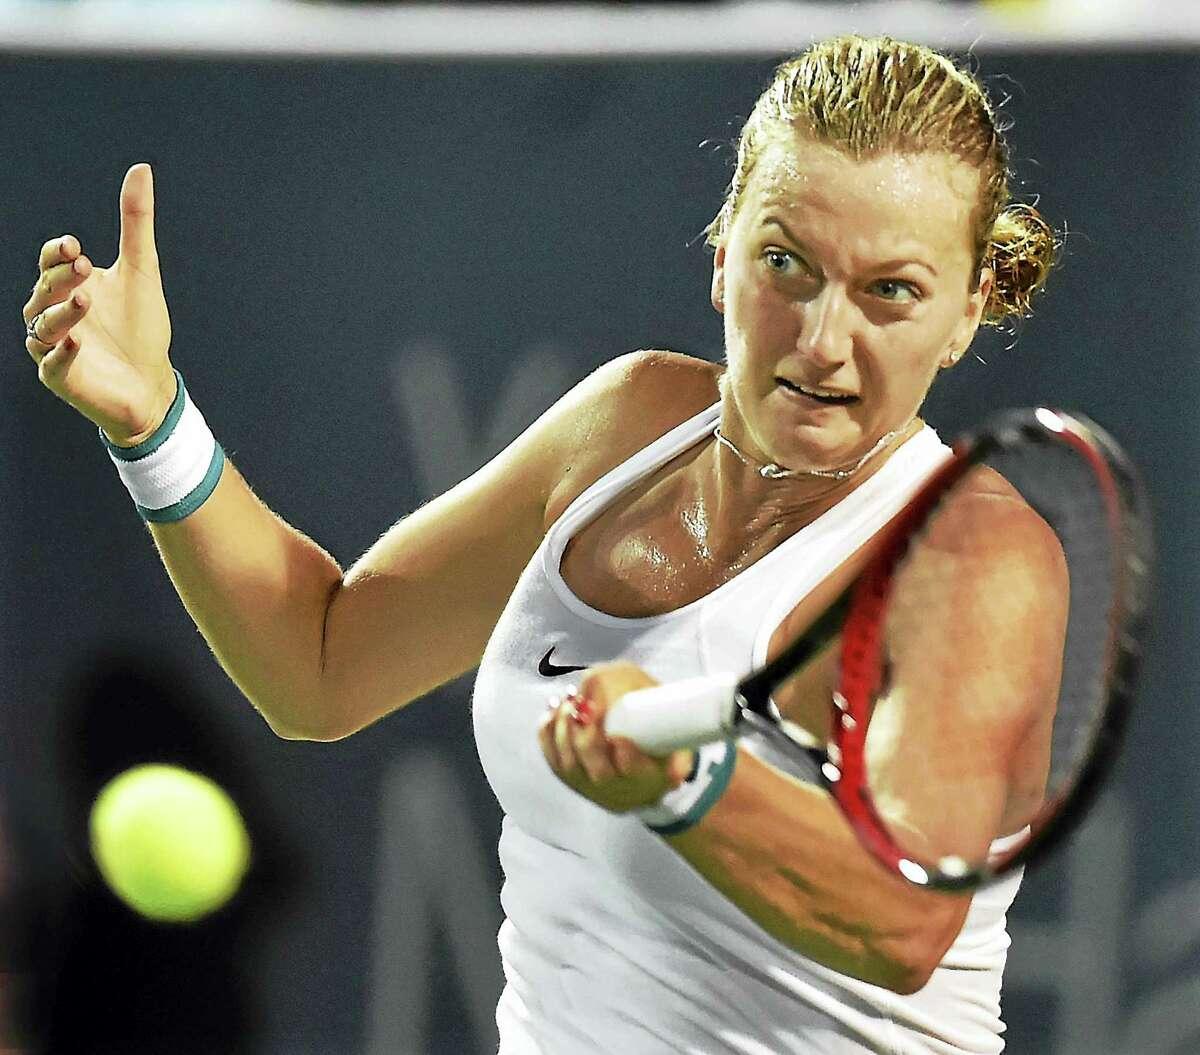 Petra Kvitova returns a shot against Agnieszka Radwanska.